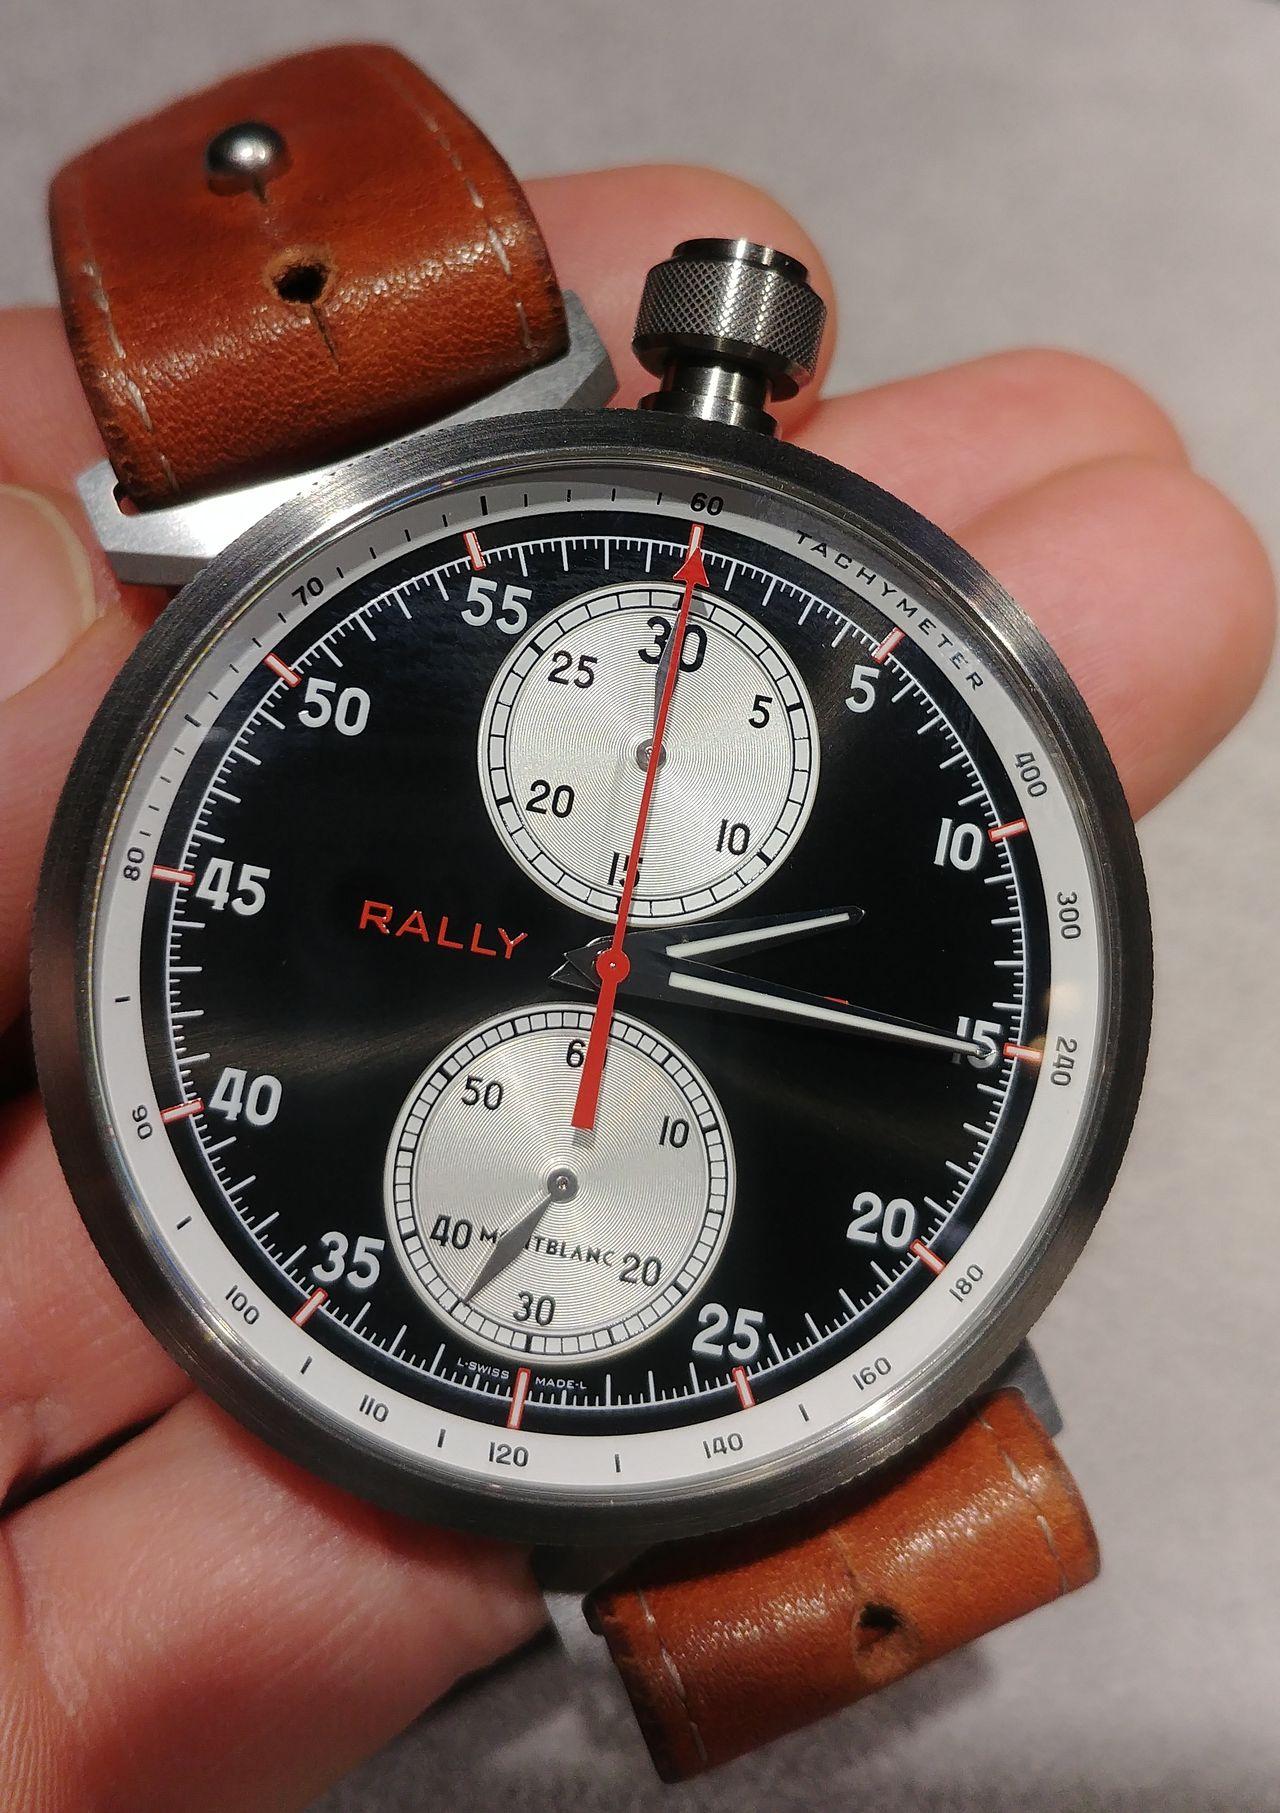 Montblanc TimeWalker Rally Timer Chronograph Limited Edition 100 - kézbe véve meglepő a mérete